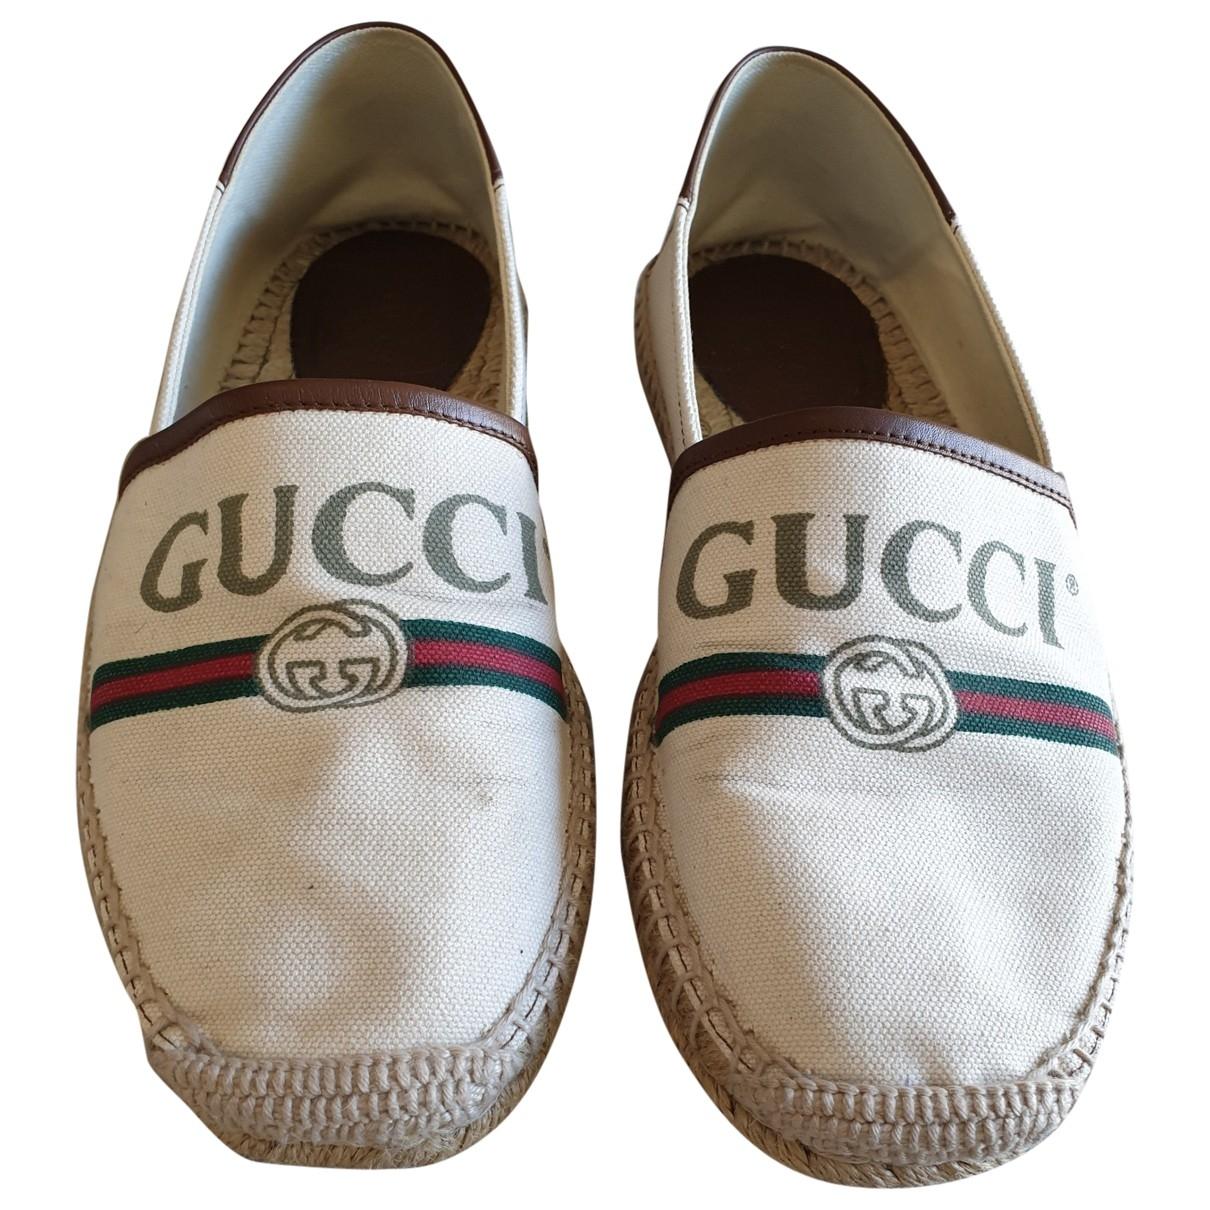 Gucci \N Espadrilles in  Beige Leinen